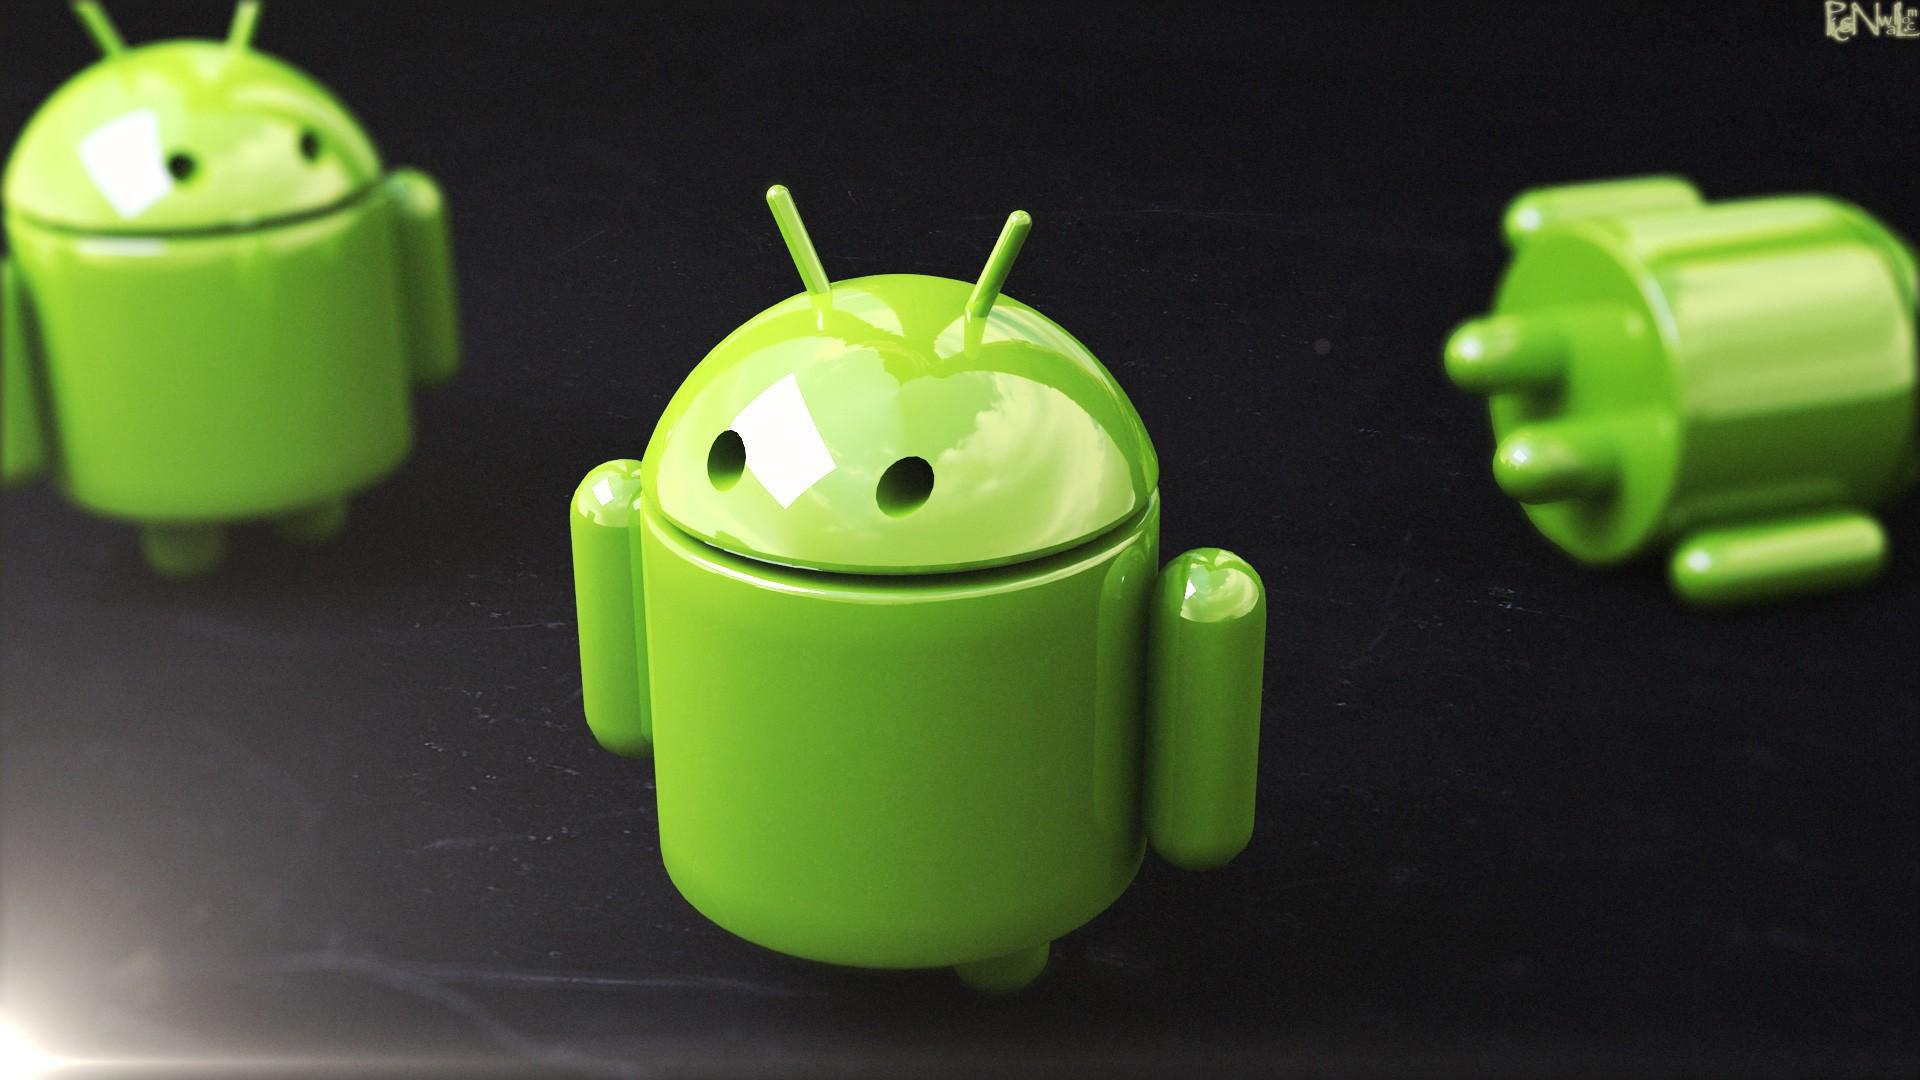 Description 3D Android Wallpaper HD is a hi res Wallpaper for pc 1920x1080